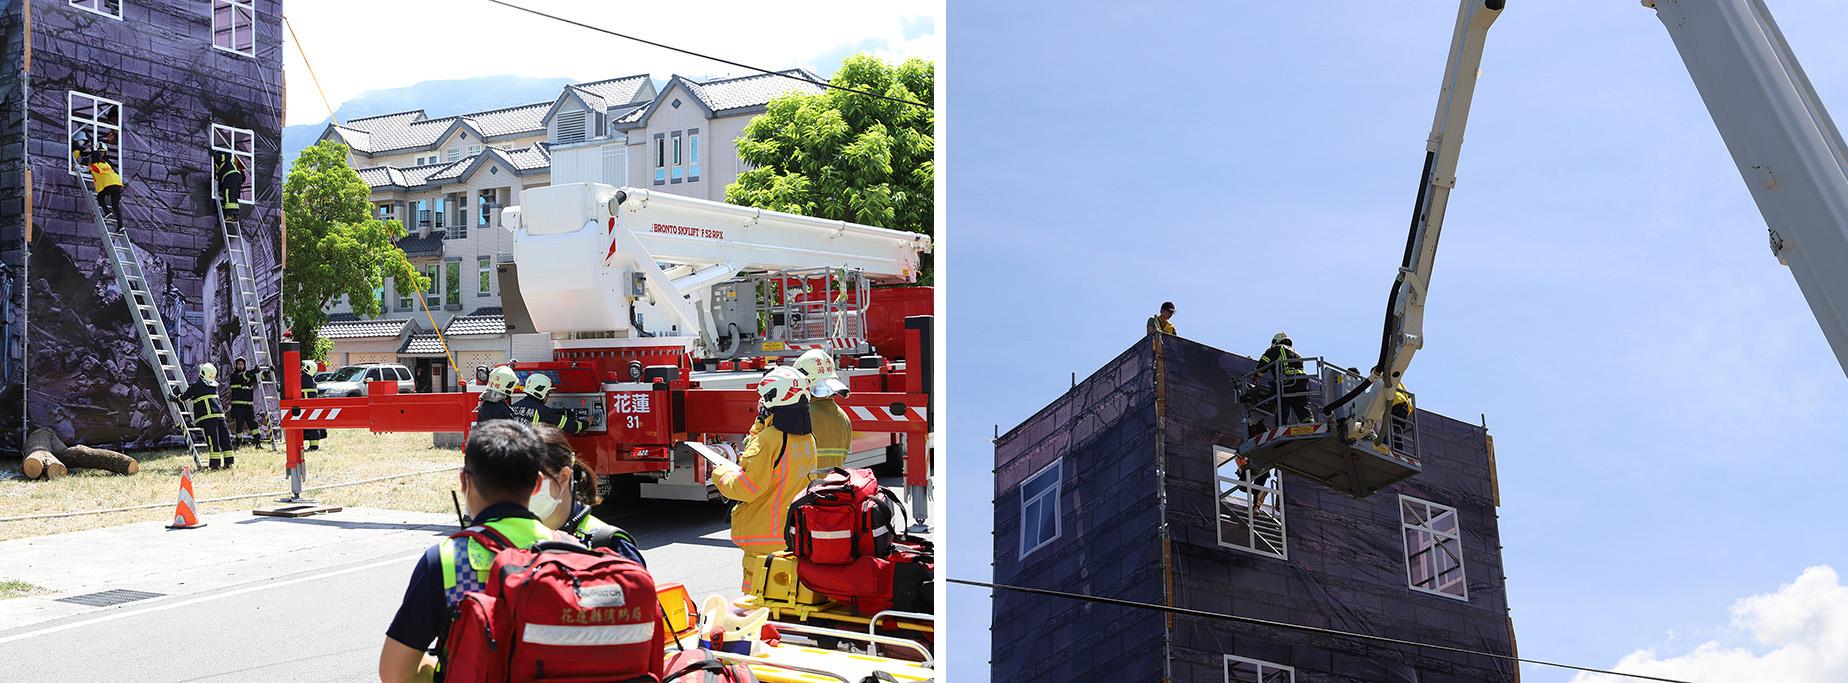 109年災害防救演習「模擬7級地震導致國興里一處5層樓建物1、2樓坍塌,建築物重傾斜,多名住戶受困於各樓層,隨時有倒塌的危險,採無劇本演練。